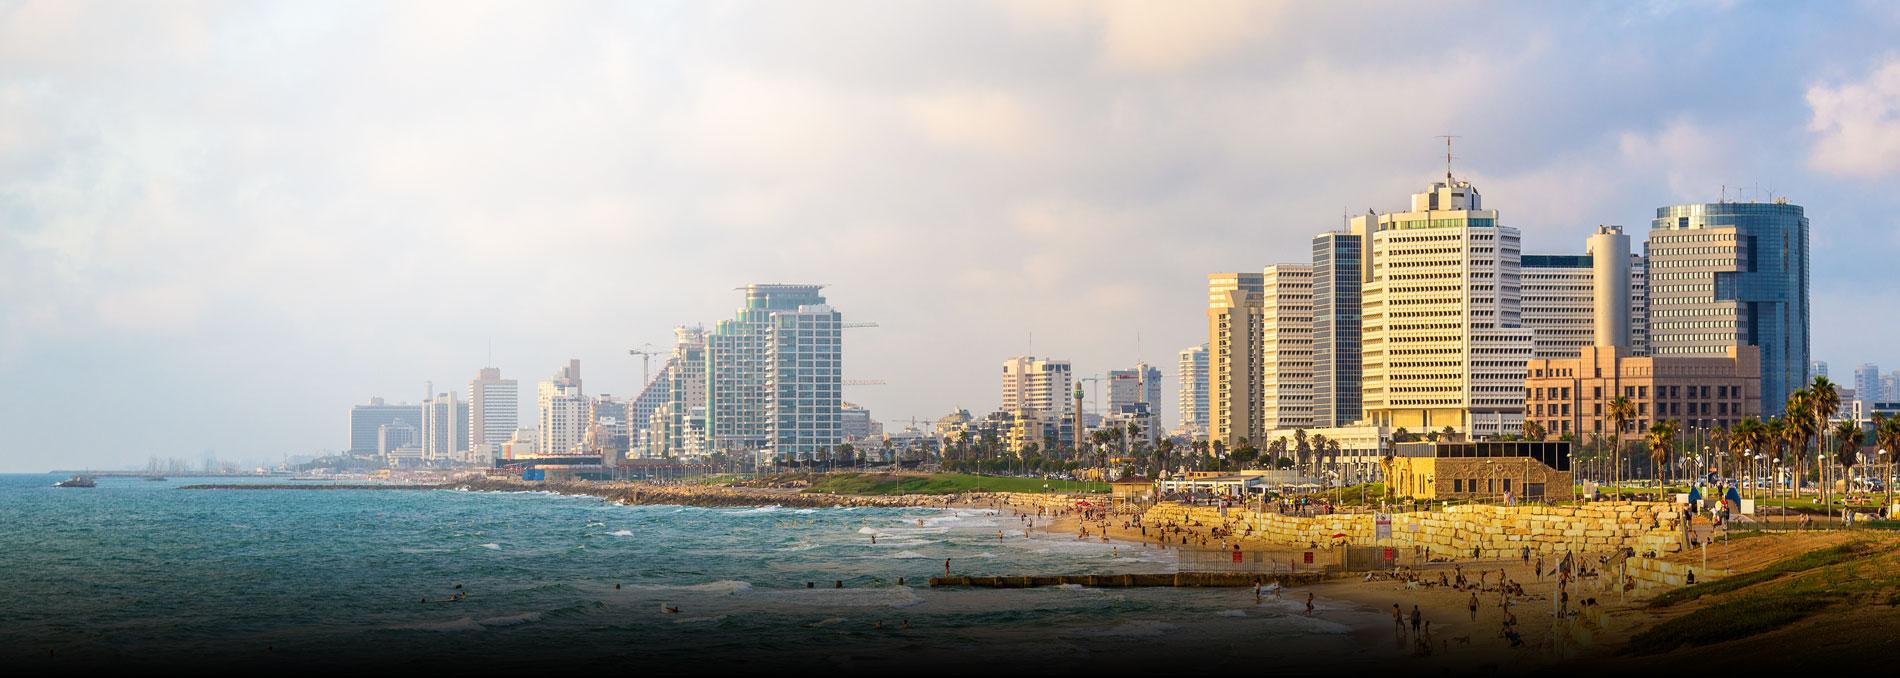 The 2019 Tel Aviv Annual Family Office & Wealth Management